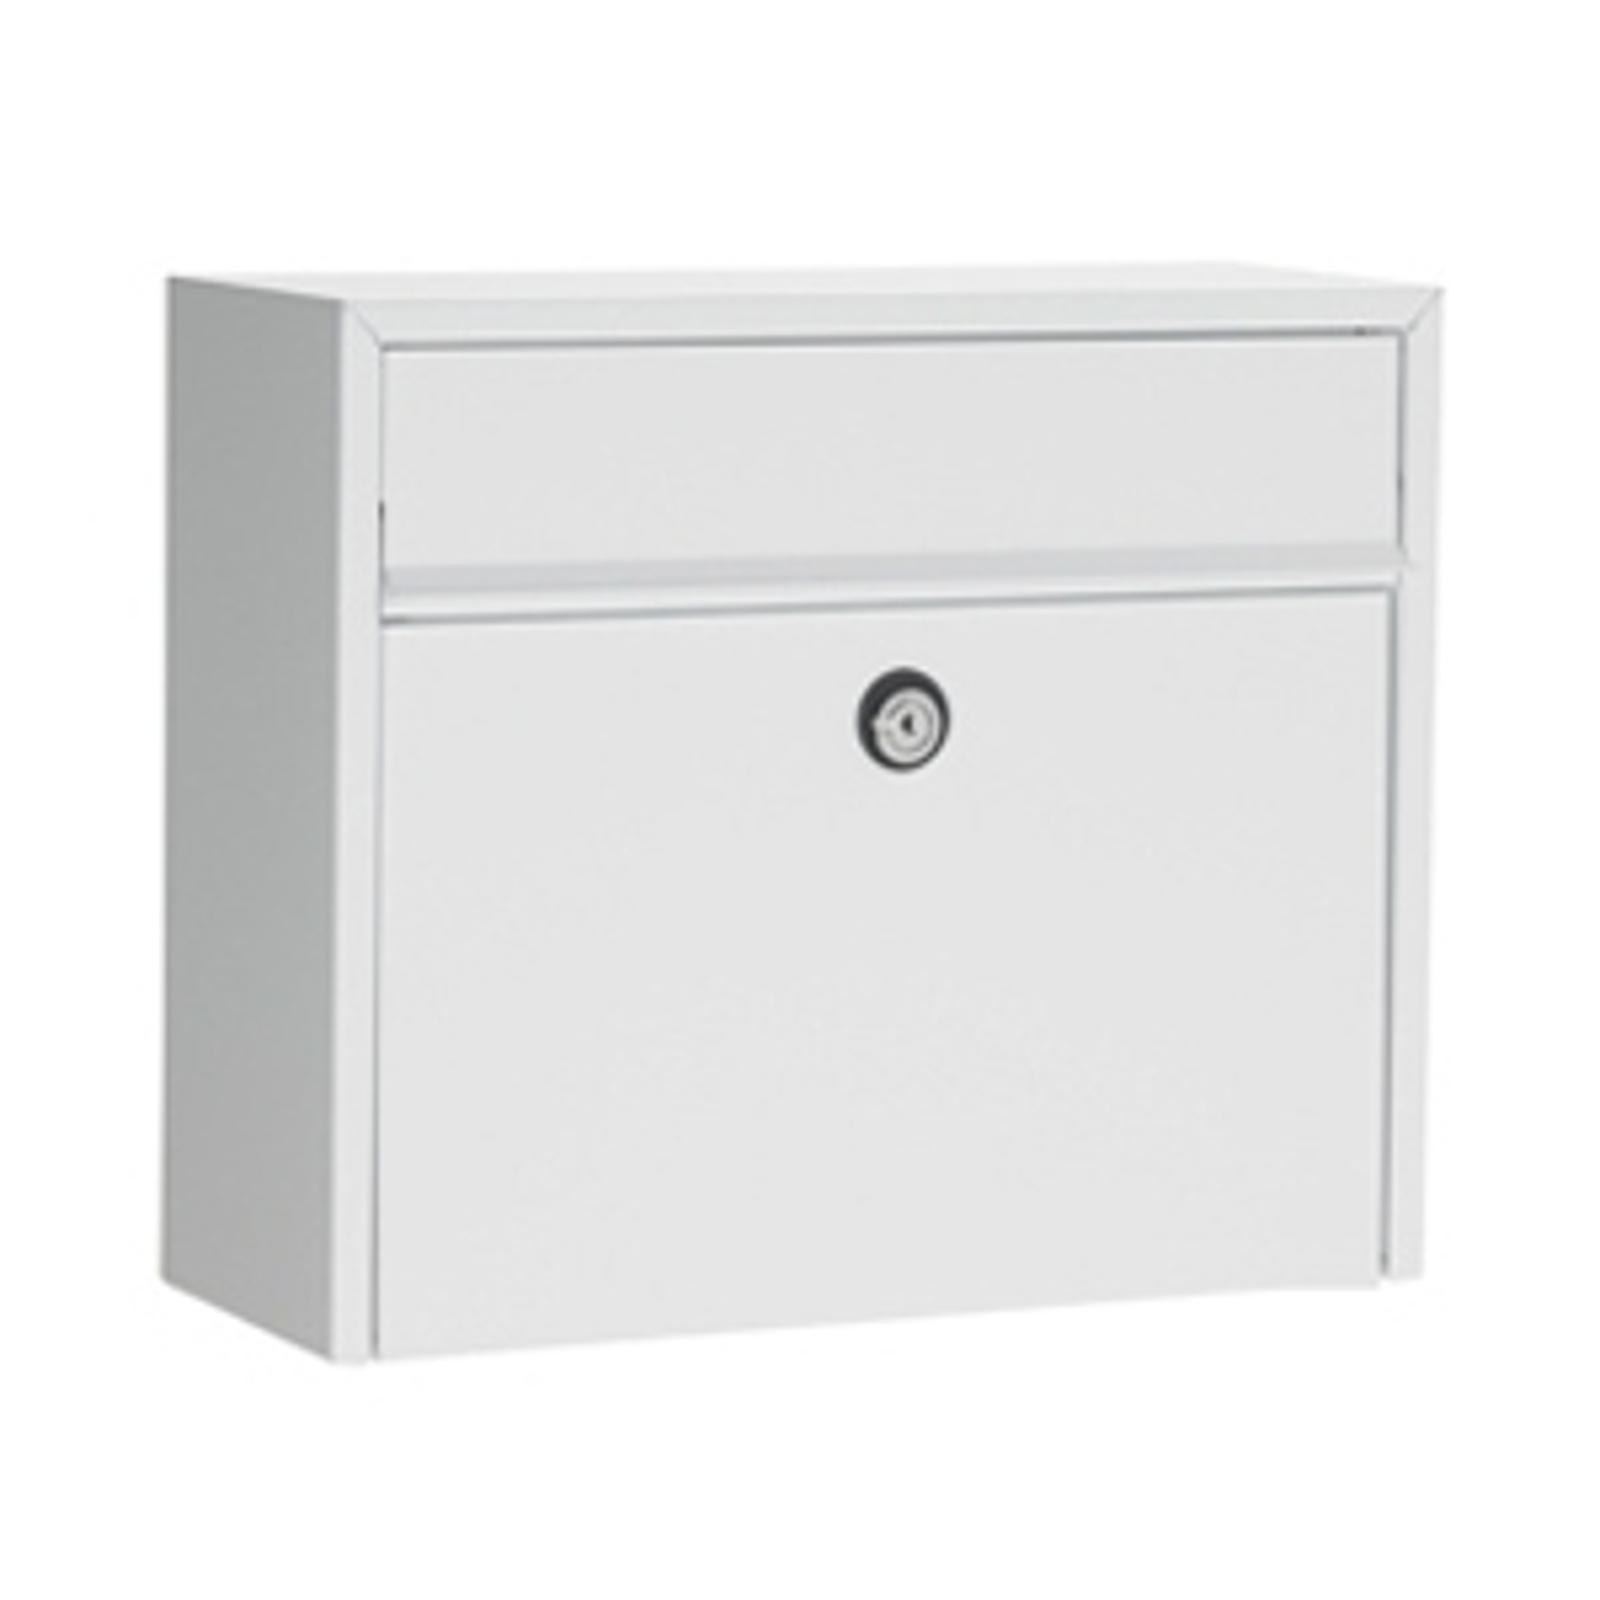 Buzón simple LT150, blanco, euro